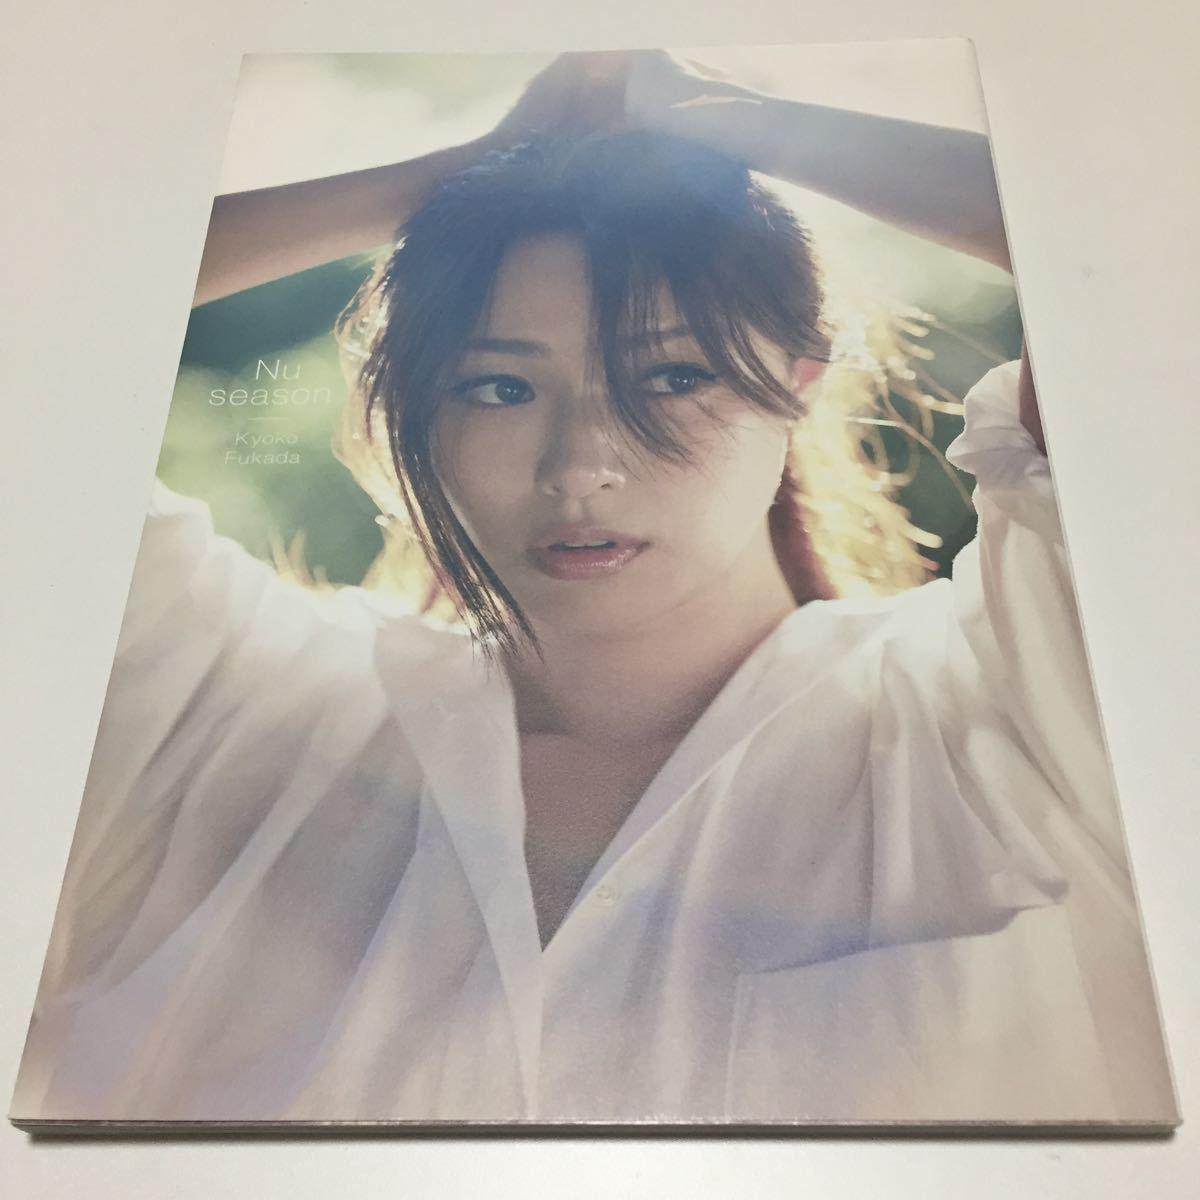 深田恭子 写真集 『Nu season』 Book